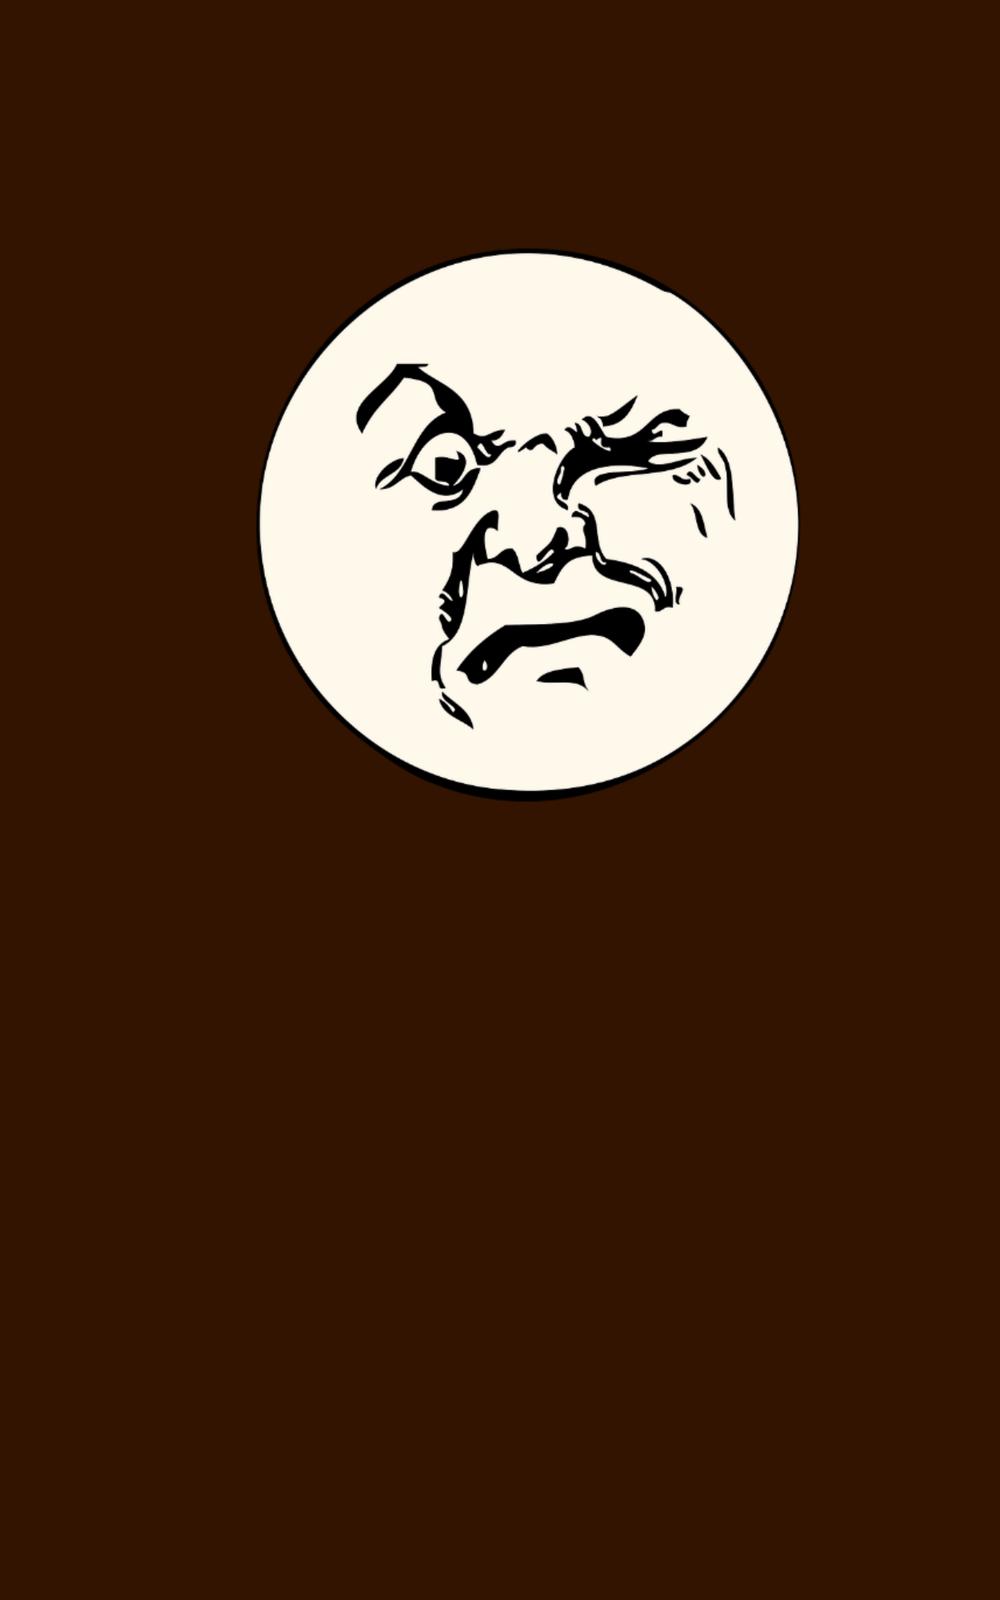 Muddy Moon